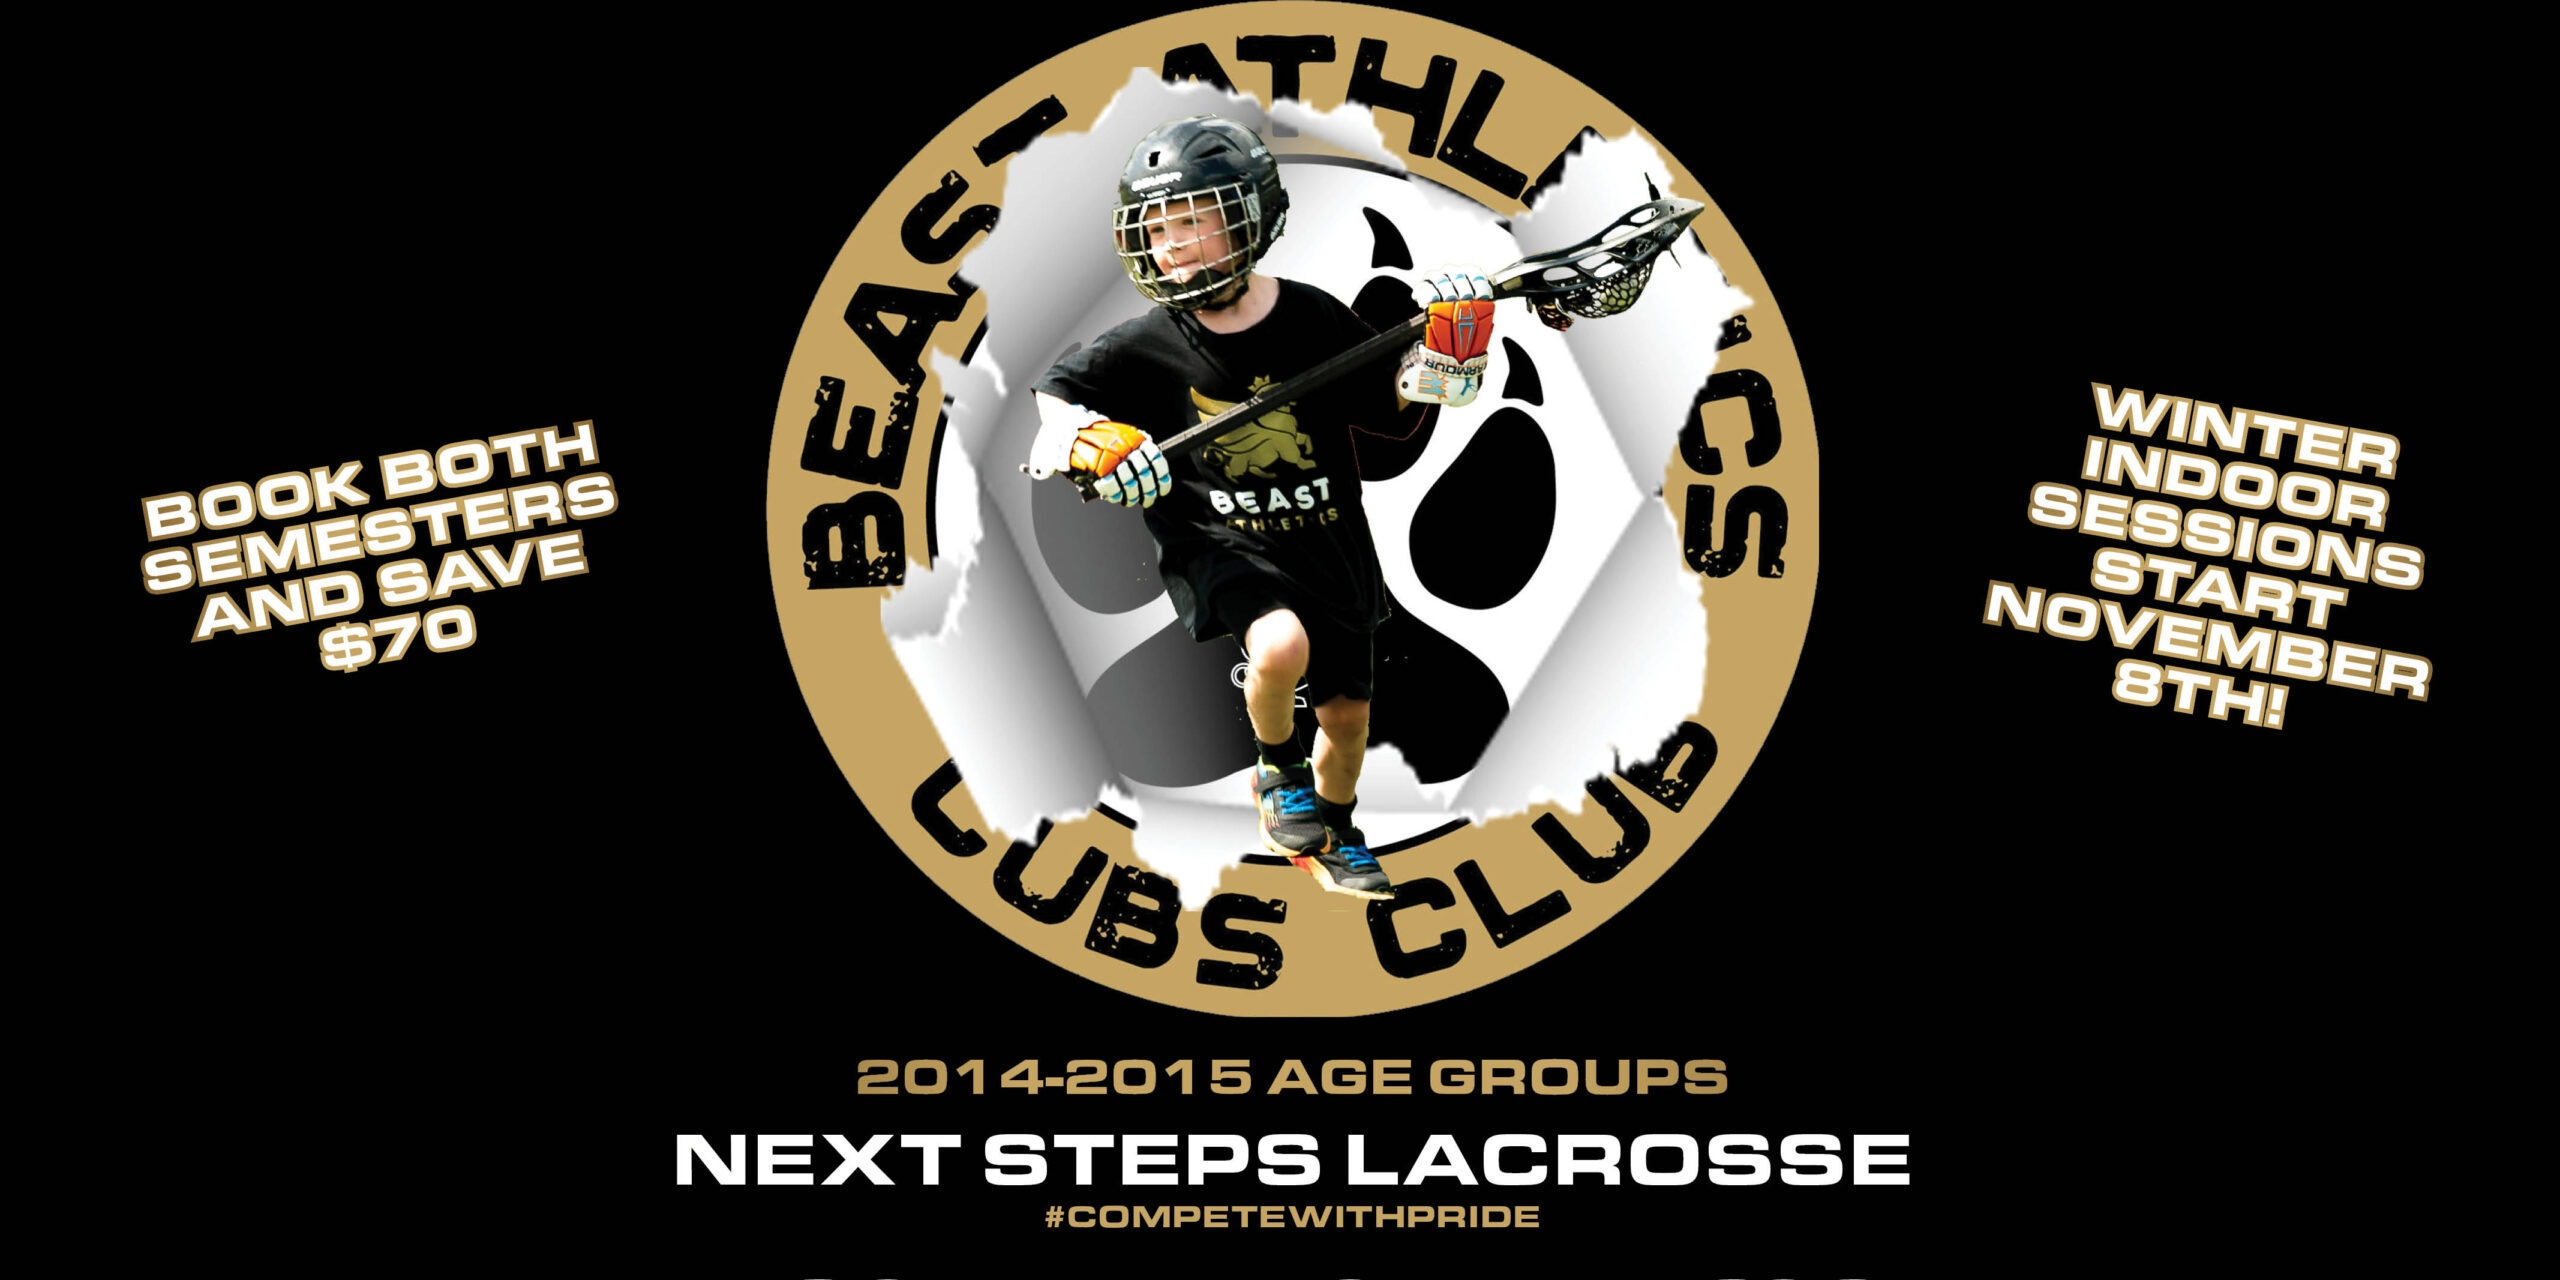 Cubs Club Next Steps Lacrosse